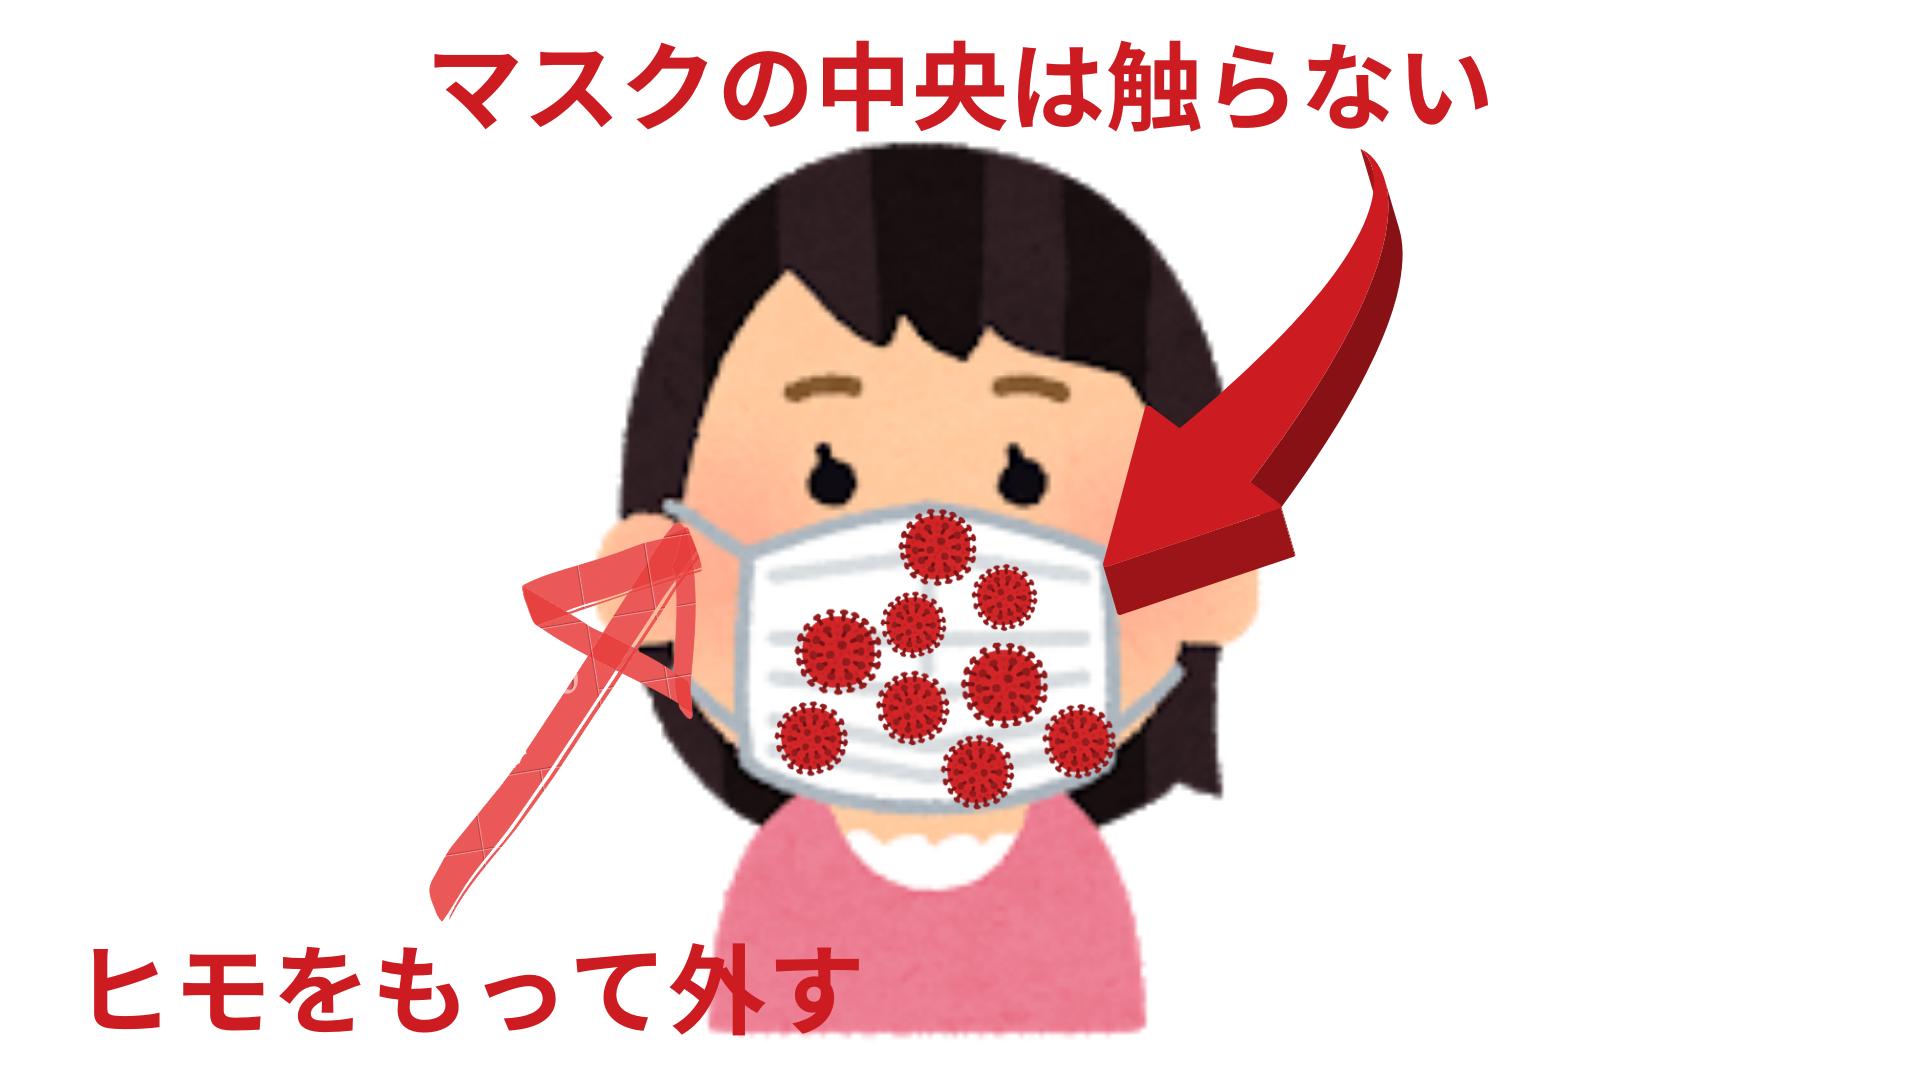 正しいマスク装着と手洗いできてますか?正しい知識新型コロナウイルスを予防しよう!